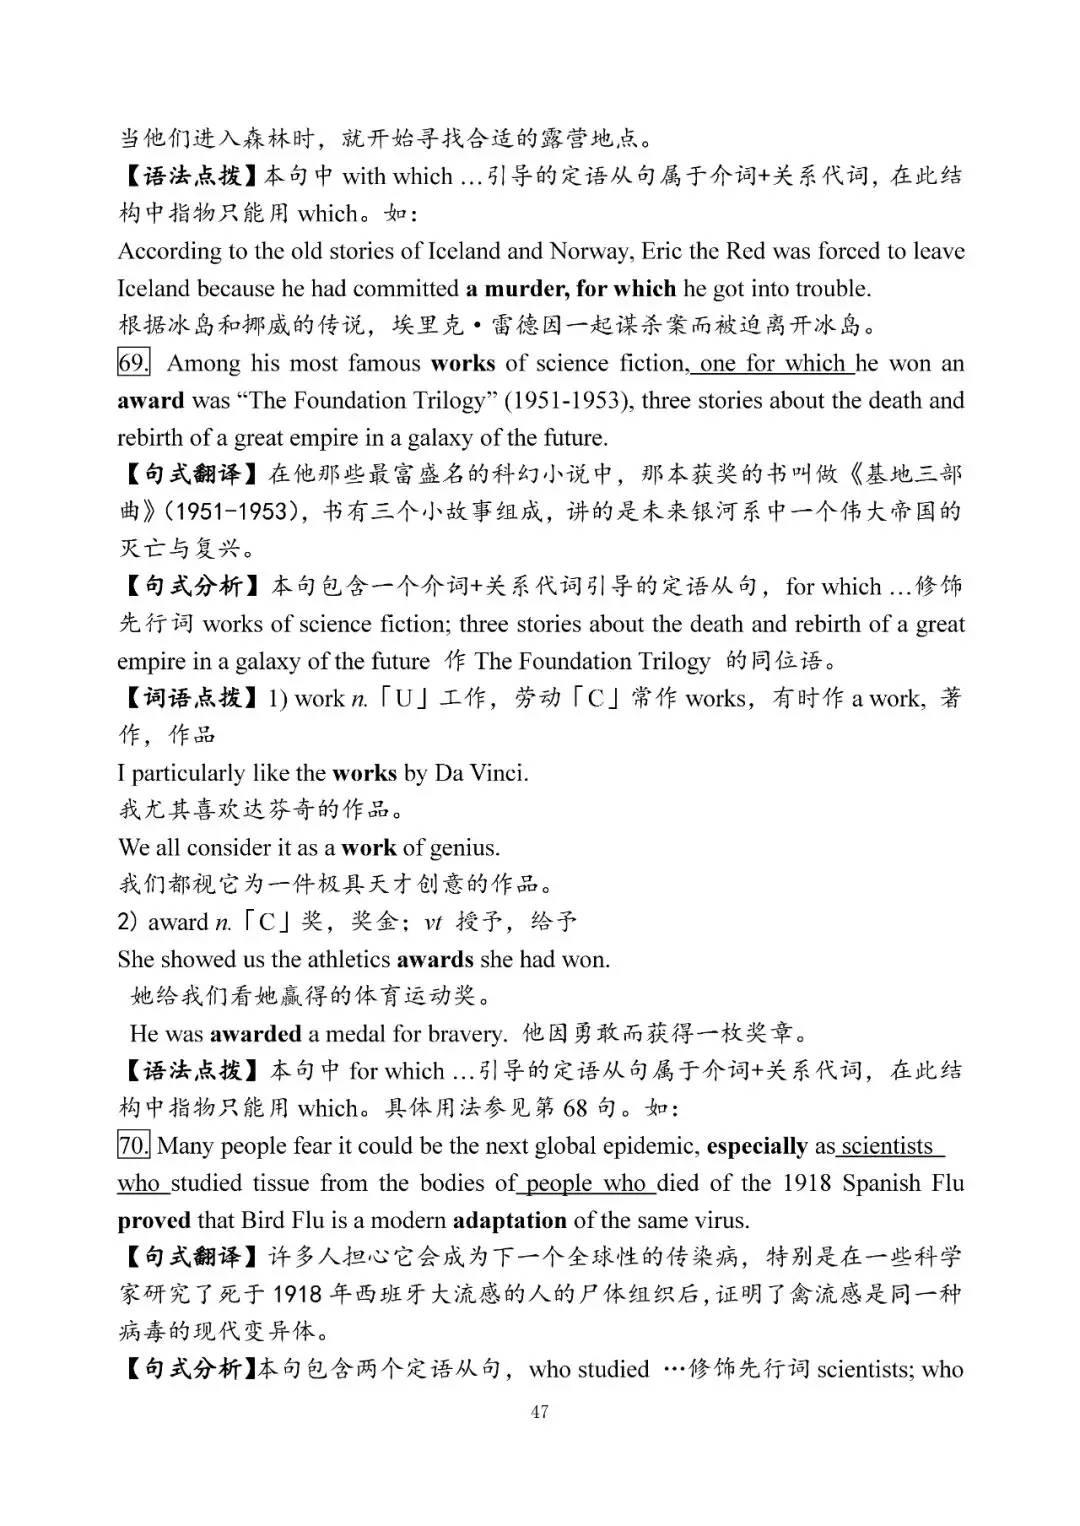 英语句子成分课后反思